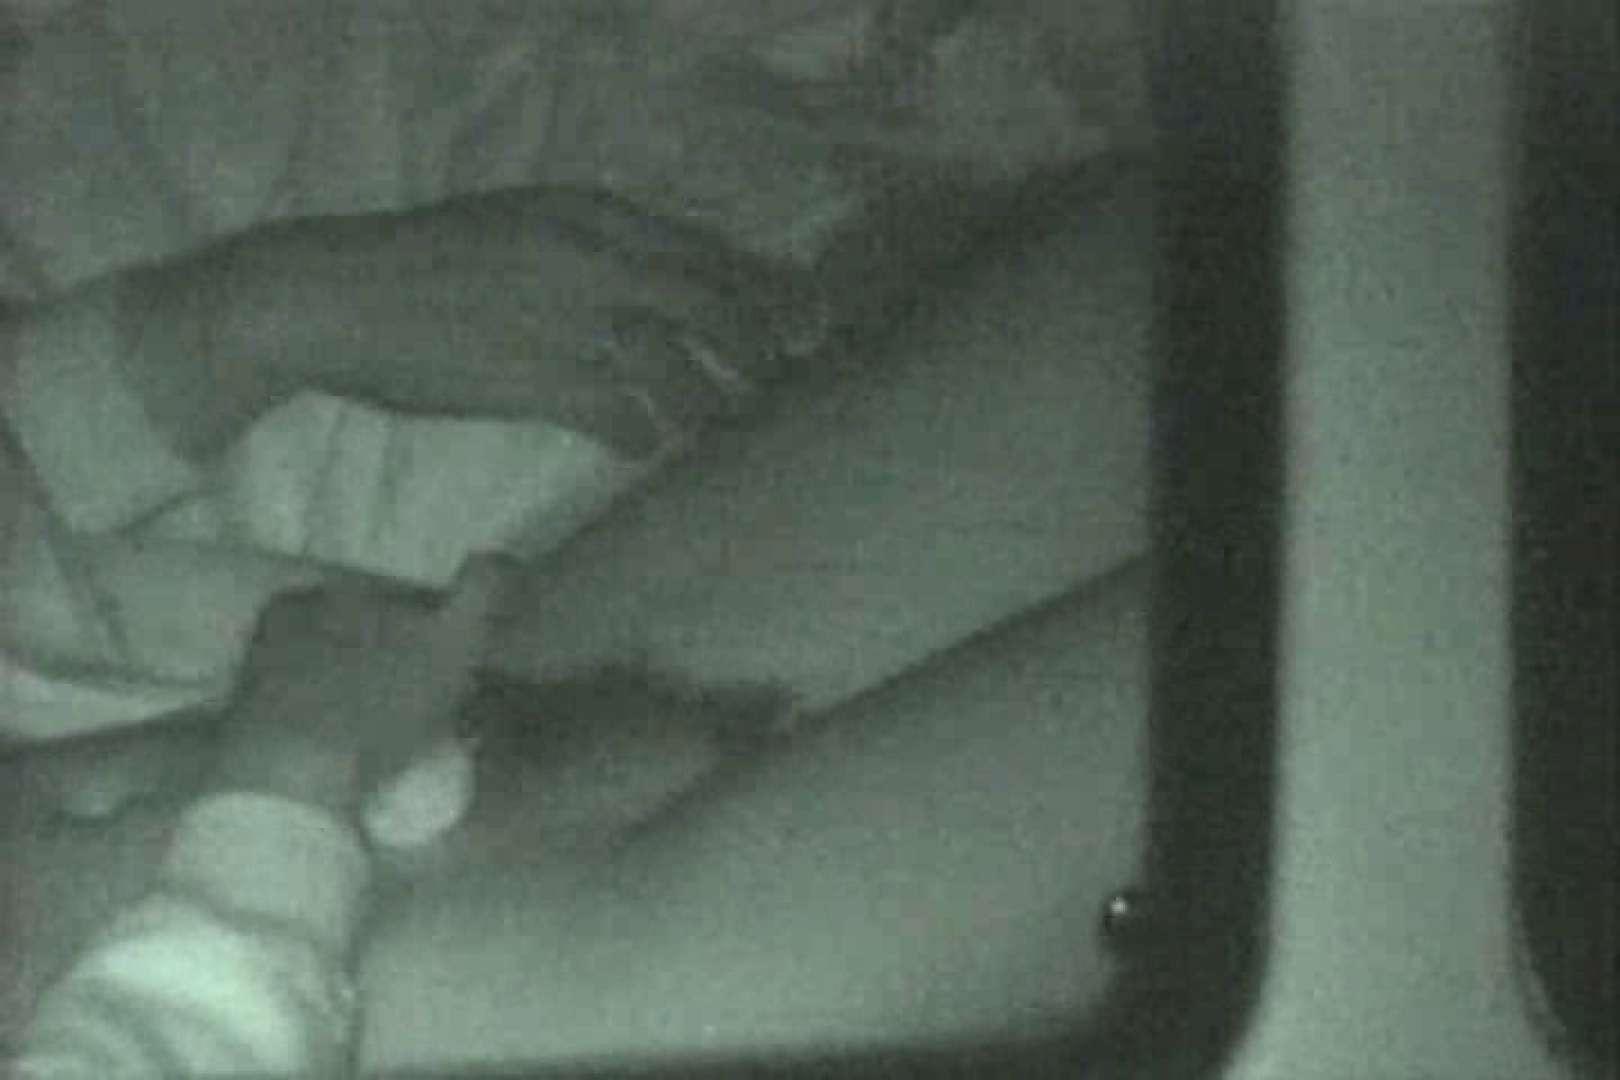 蔵出し!!赤外線カーセックスVol.9 美しいOLの裸体 AV動画キャプチャ 103pic 26